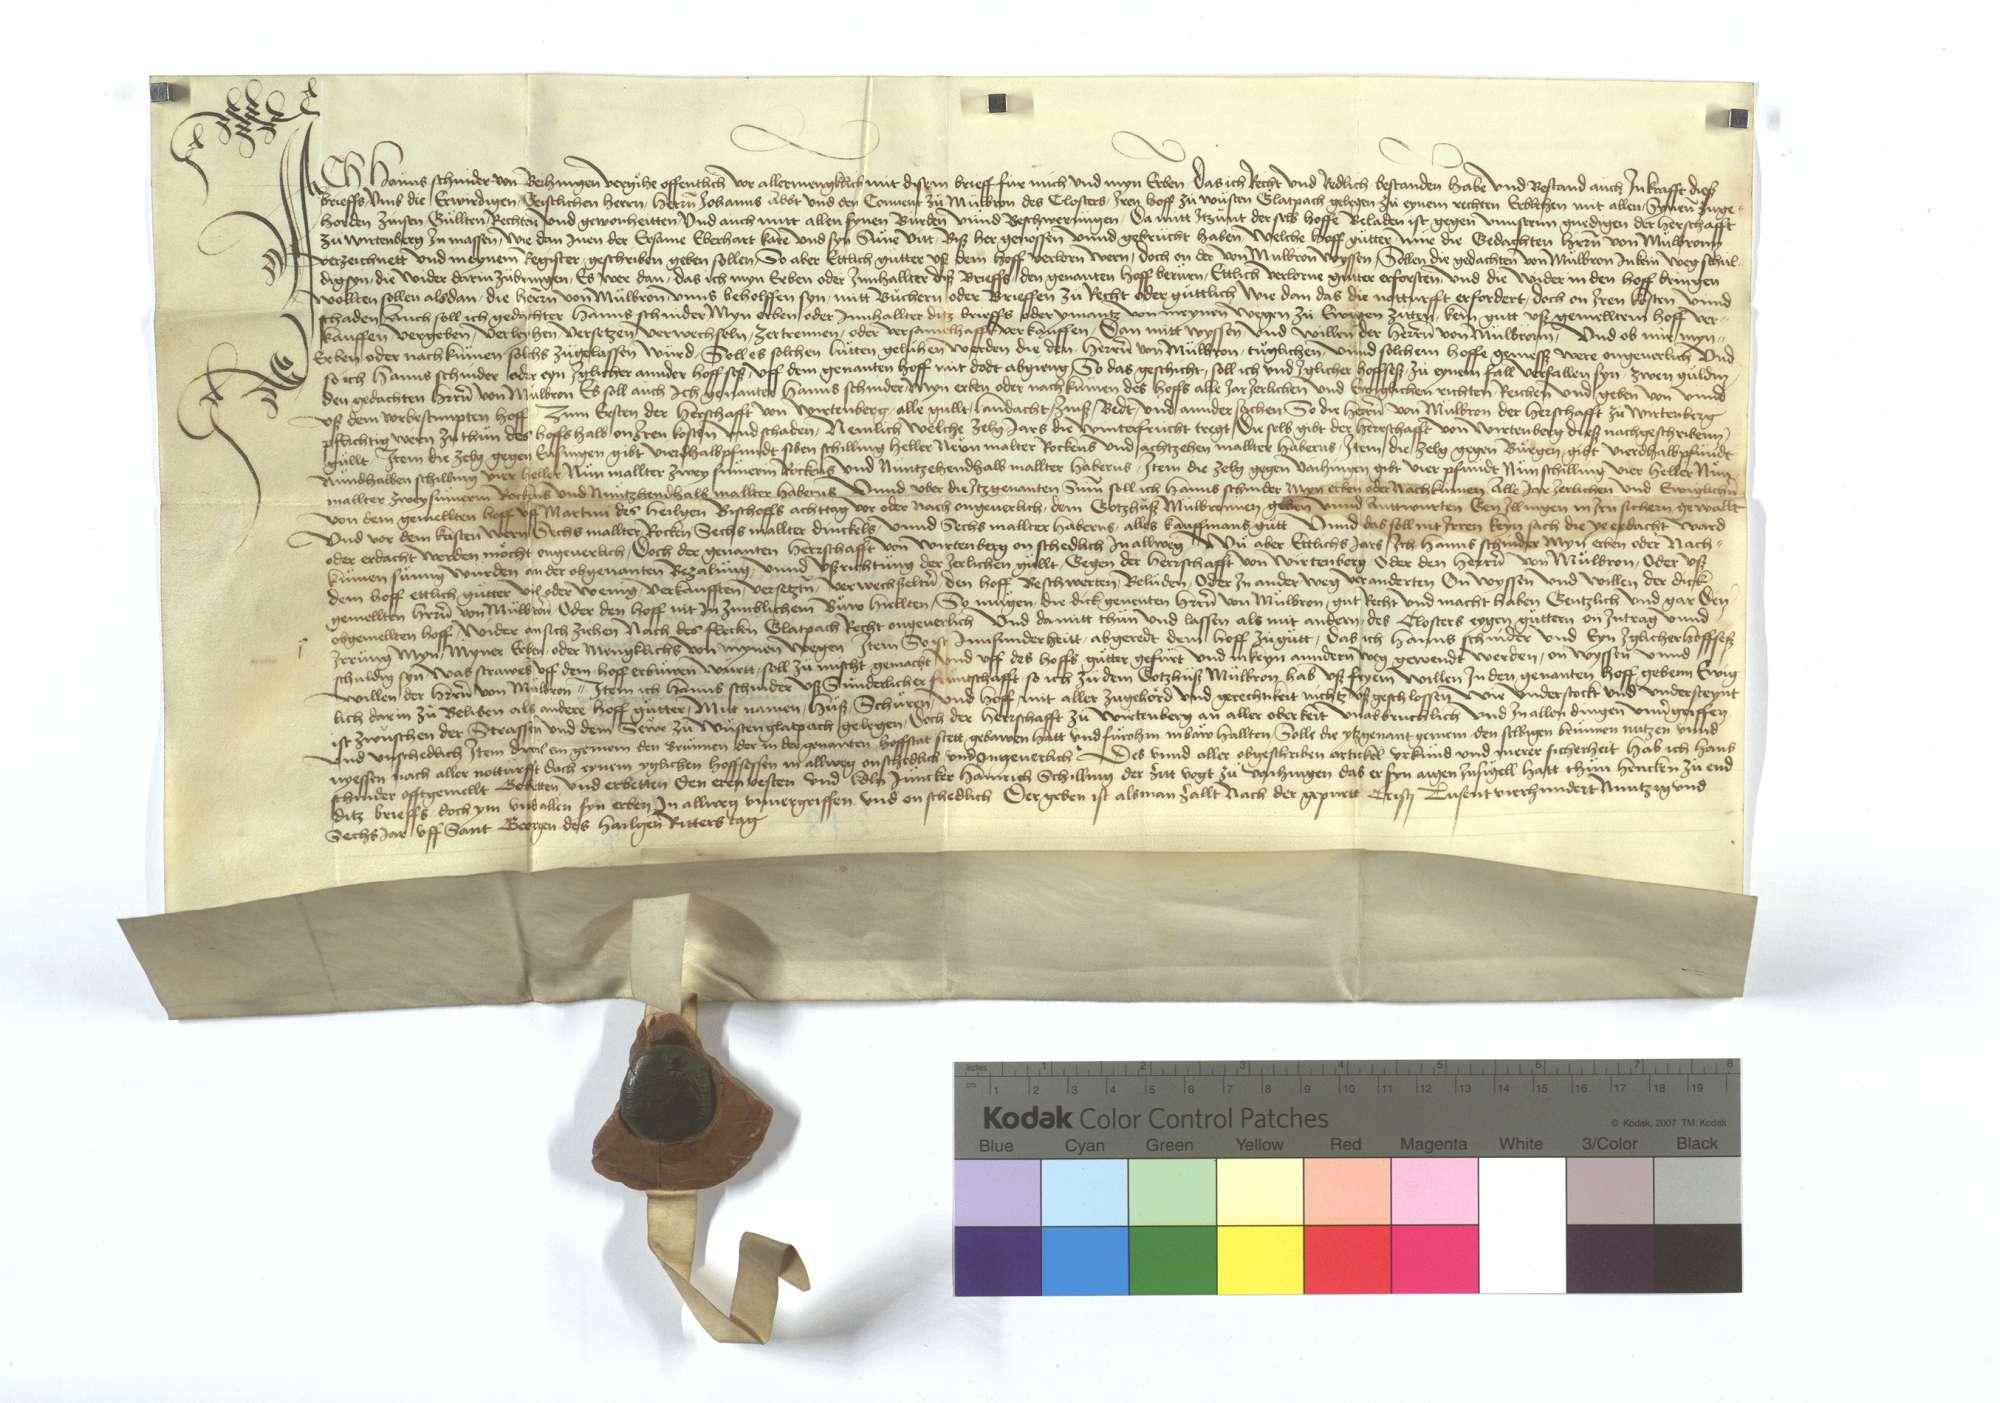 Bestandsrevers Hans Schniders von Vaihingen um des Klosters Maulbronn Hof in Wüstenglattbach., Text